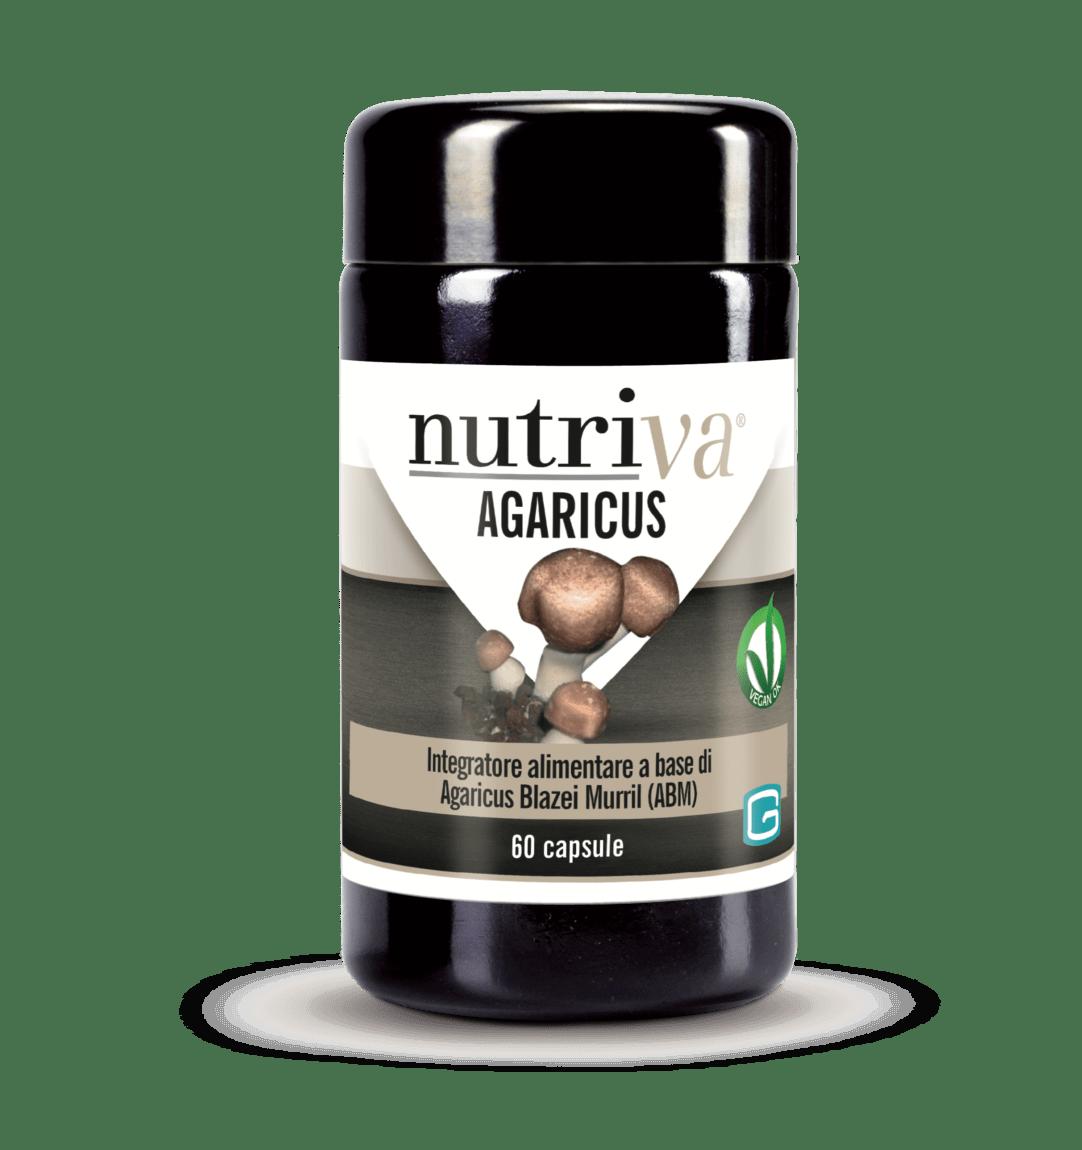 AGARICUS Blazei Murril (ABM) NUTRIVA 60 capsule